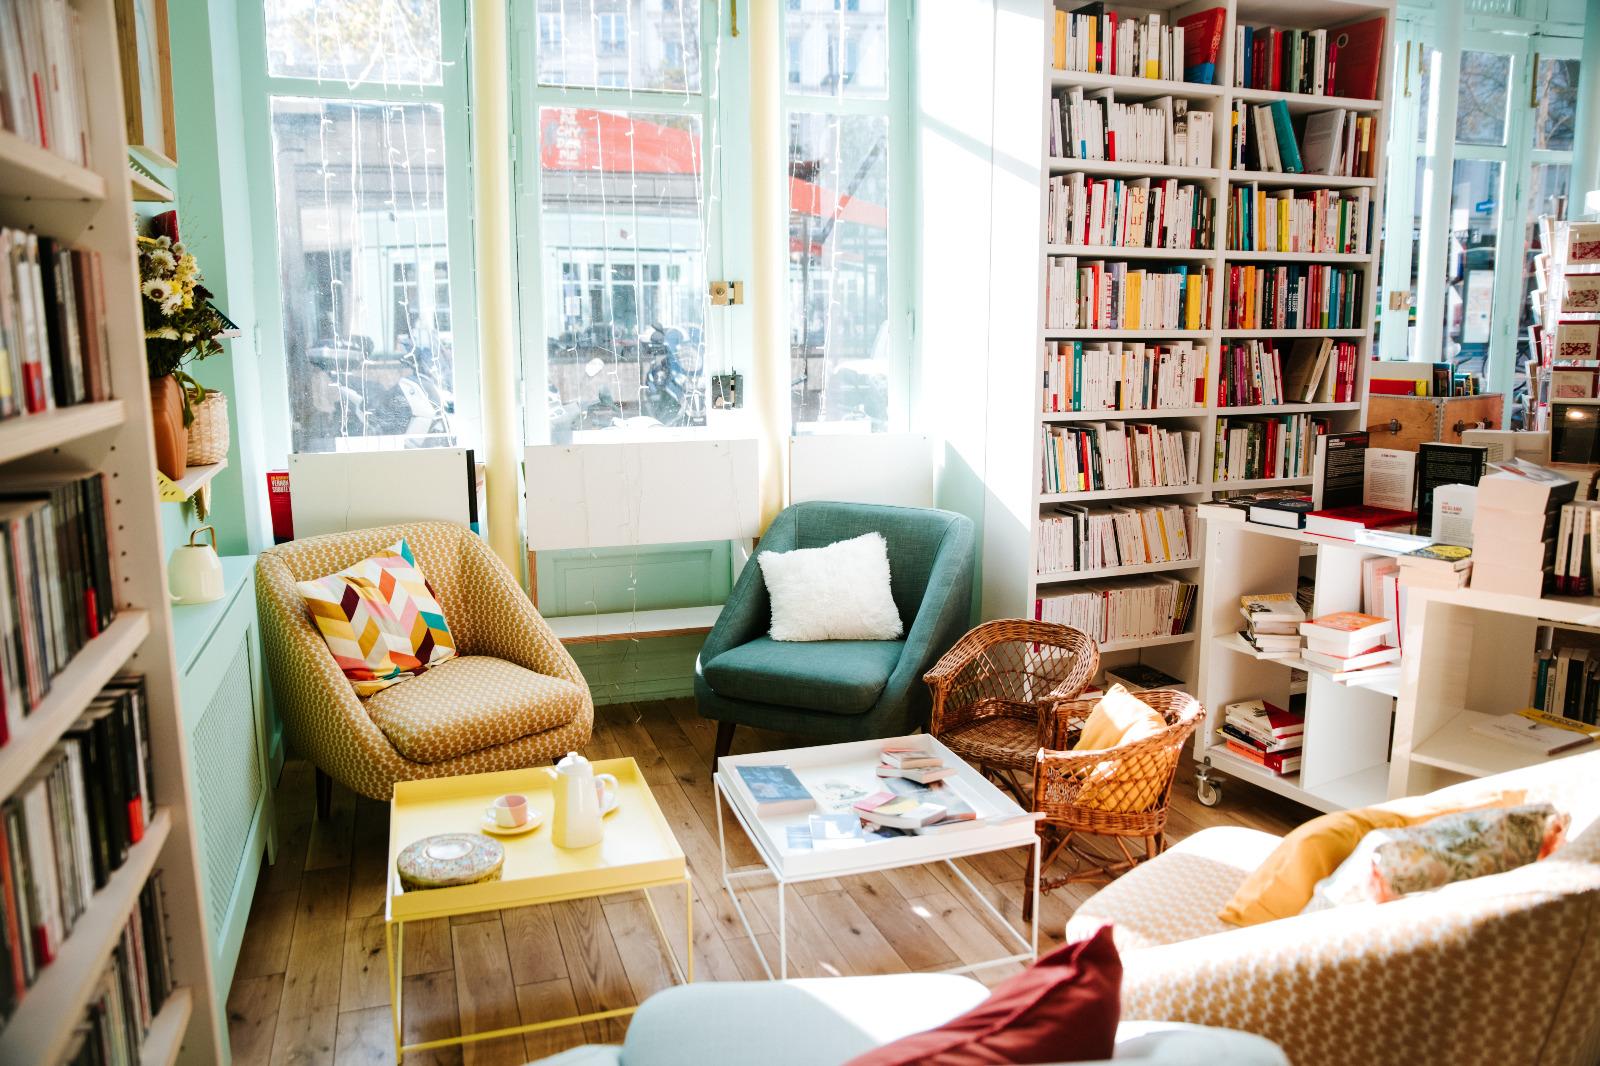 livres_fauteuils_vitrine